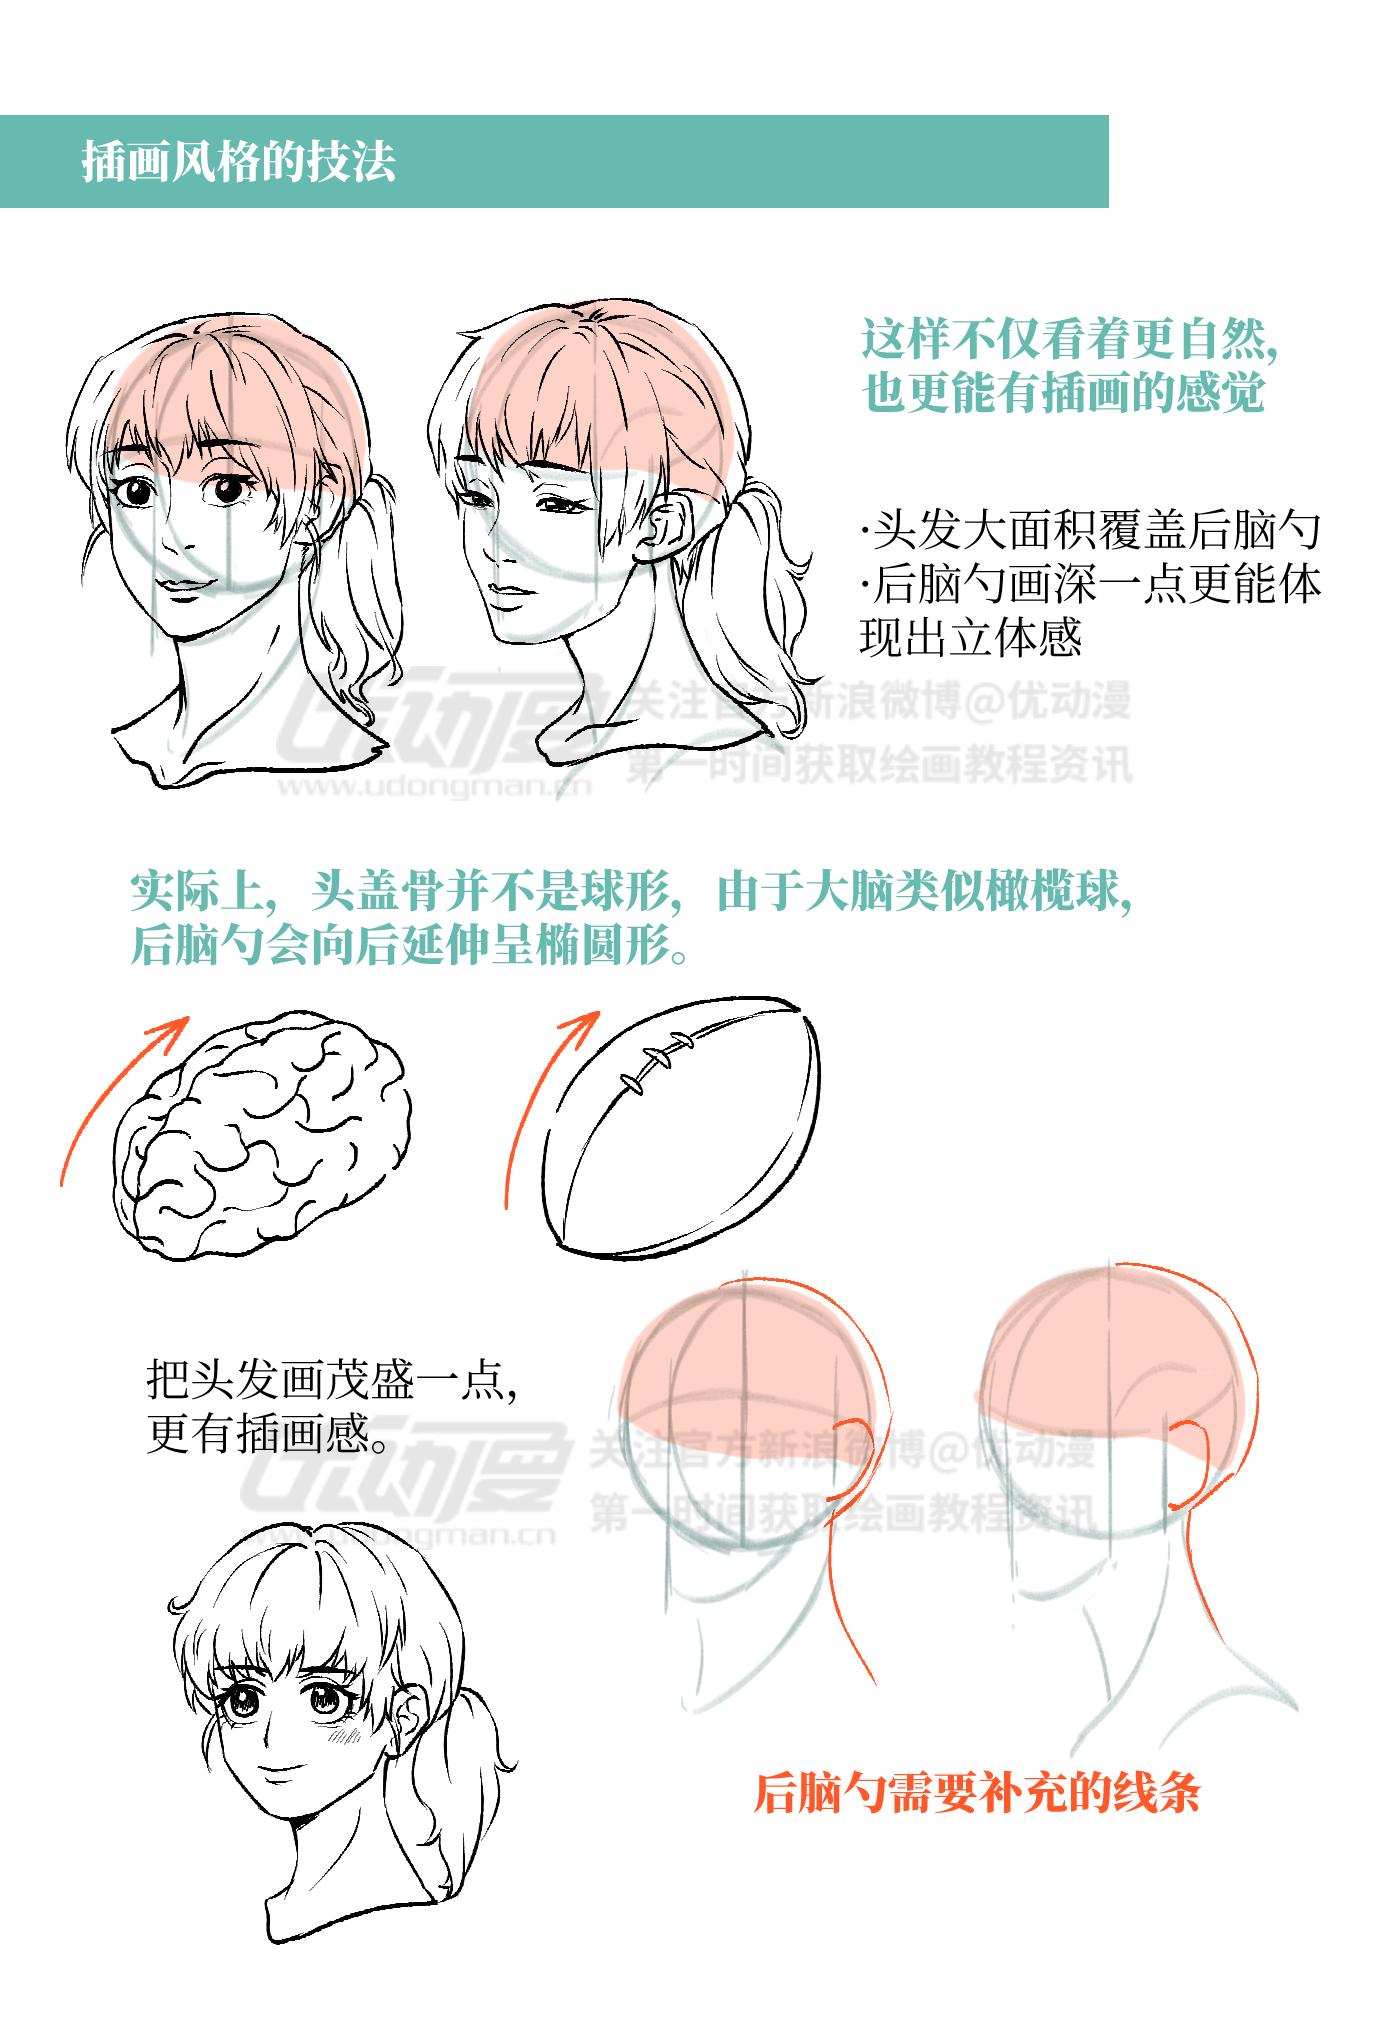 脸部绘制qa2.png